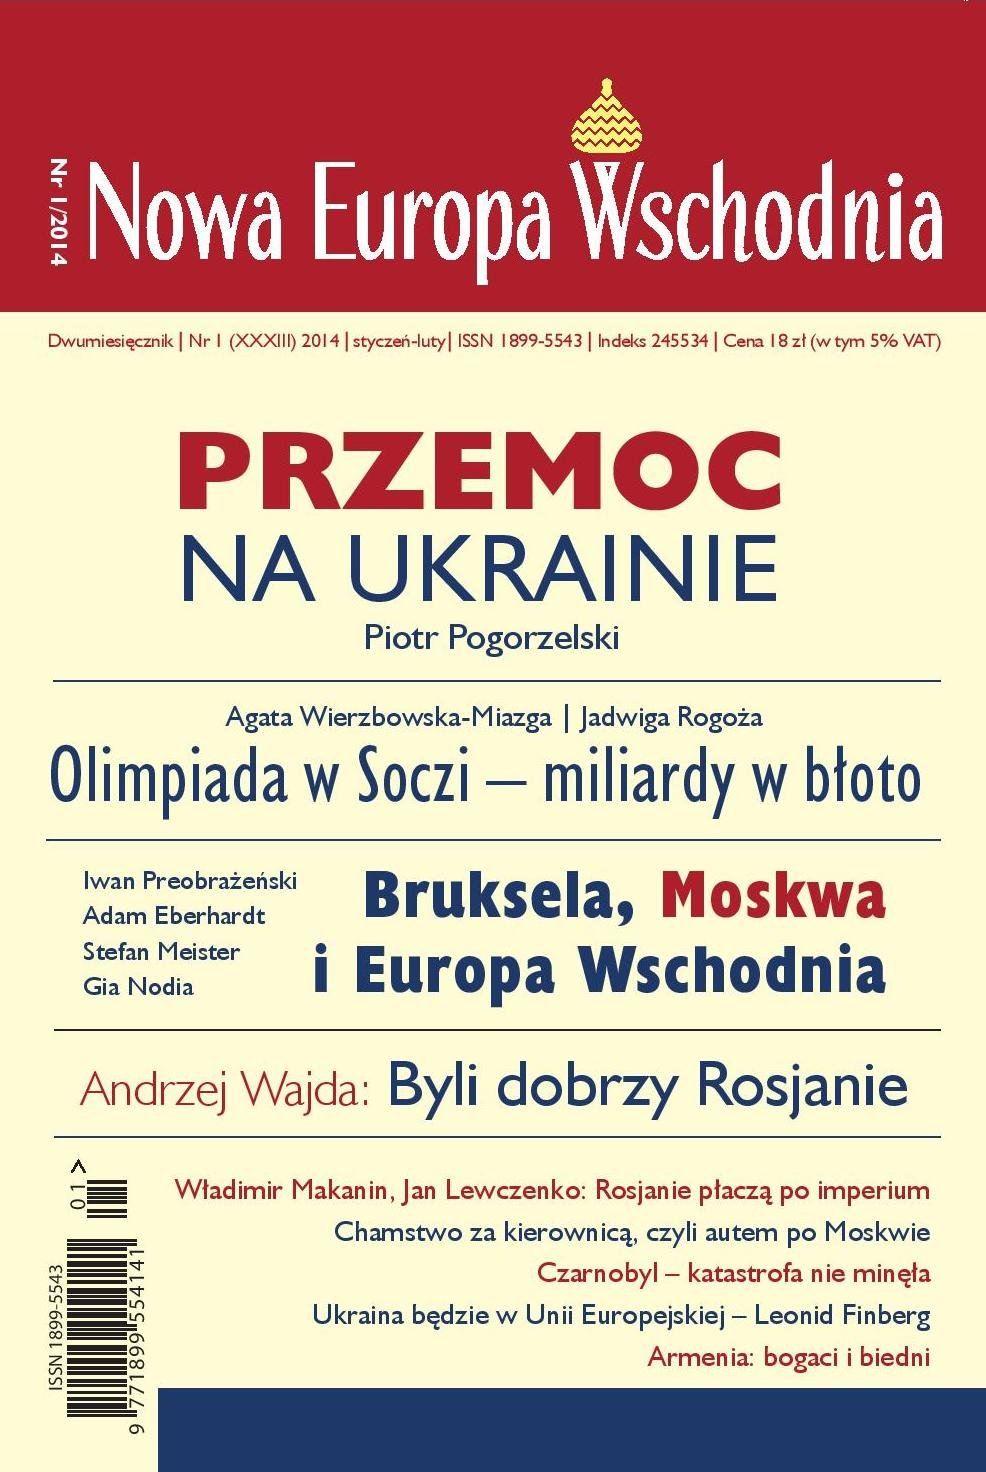 Nowa Europa Wschodnia 1/2014 - Ebook (Książka EPUB) do pobrania w formacie EPUB